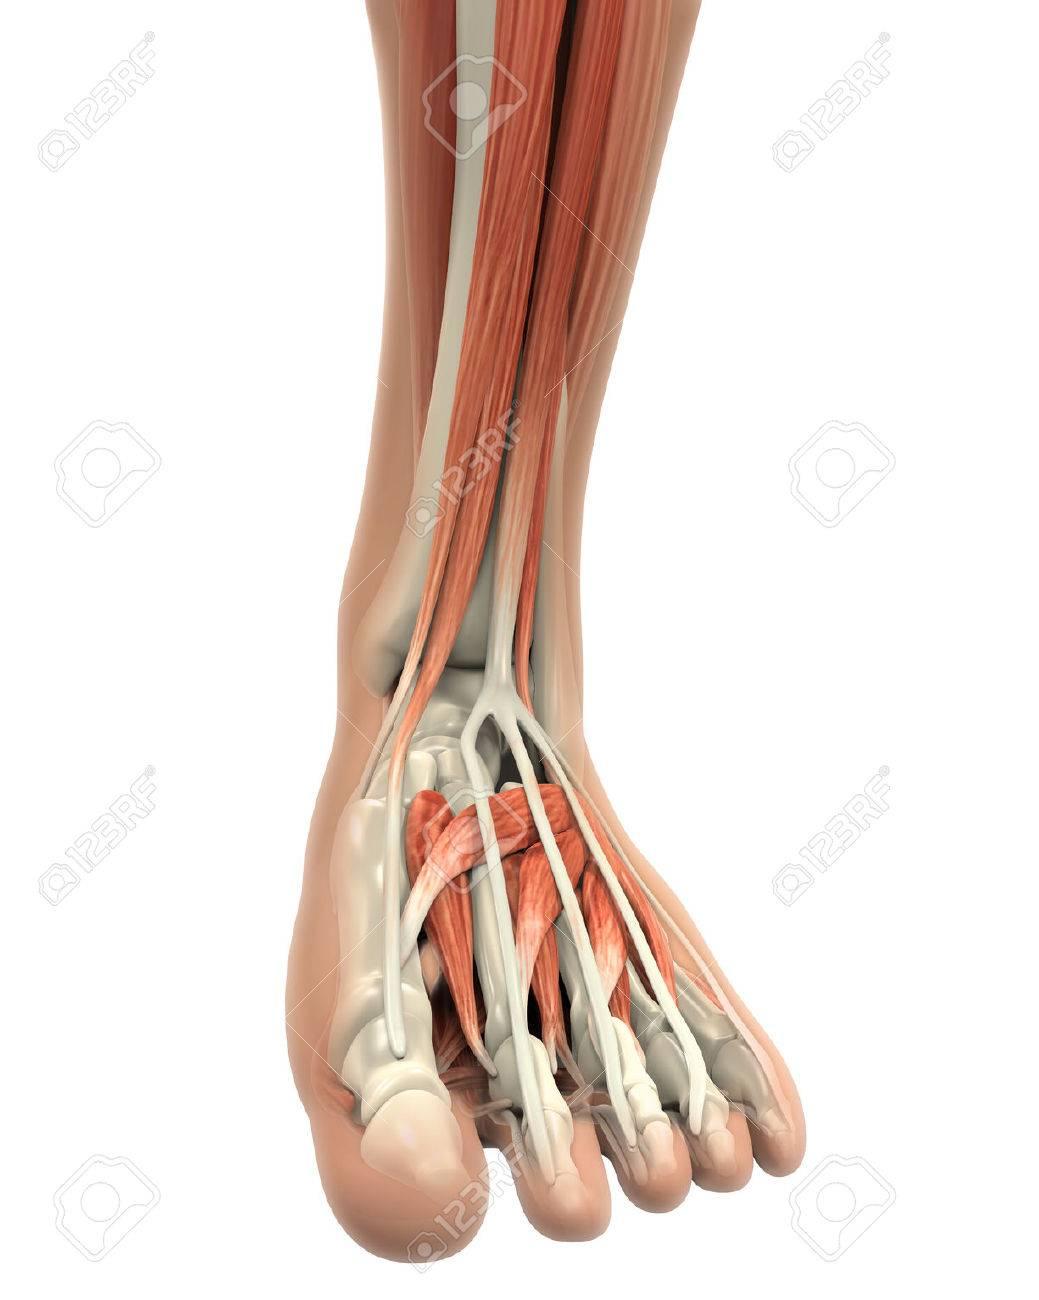 Menschlicher Fuß Muskeln Anatomie Lizenzfreie Fotos, Bilder Und ...